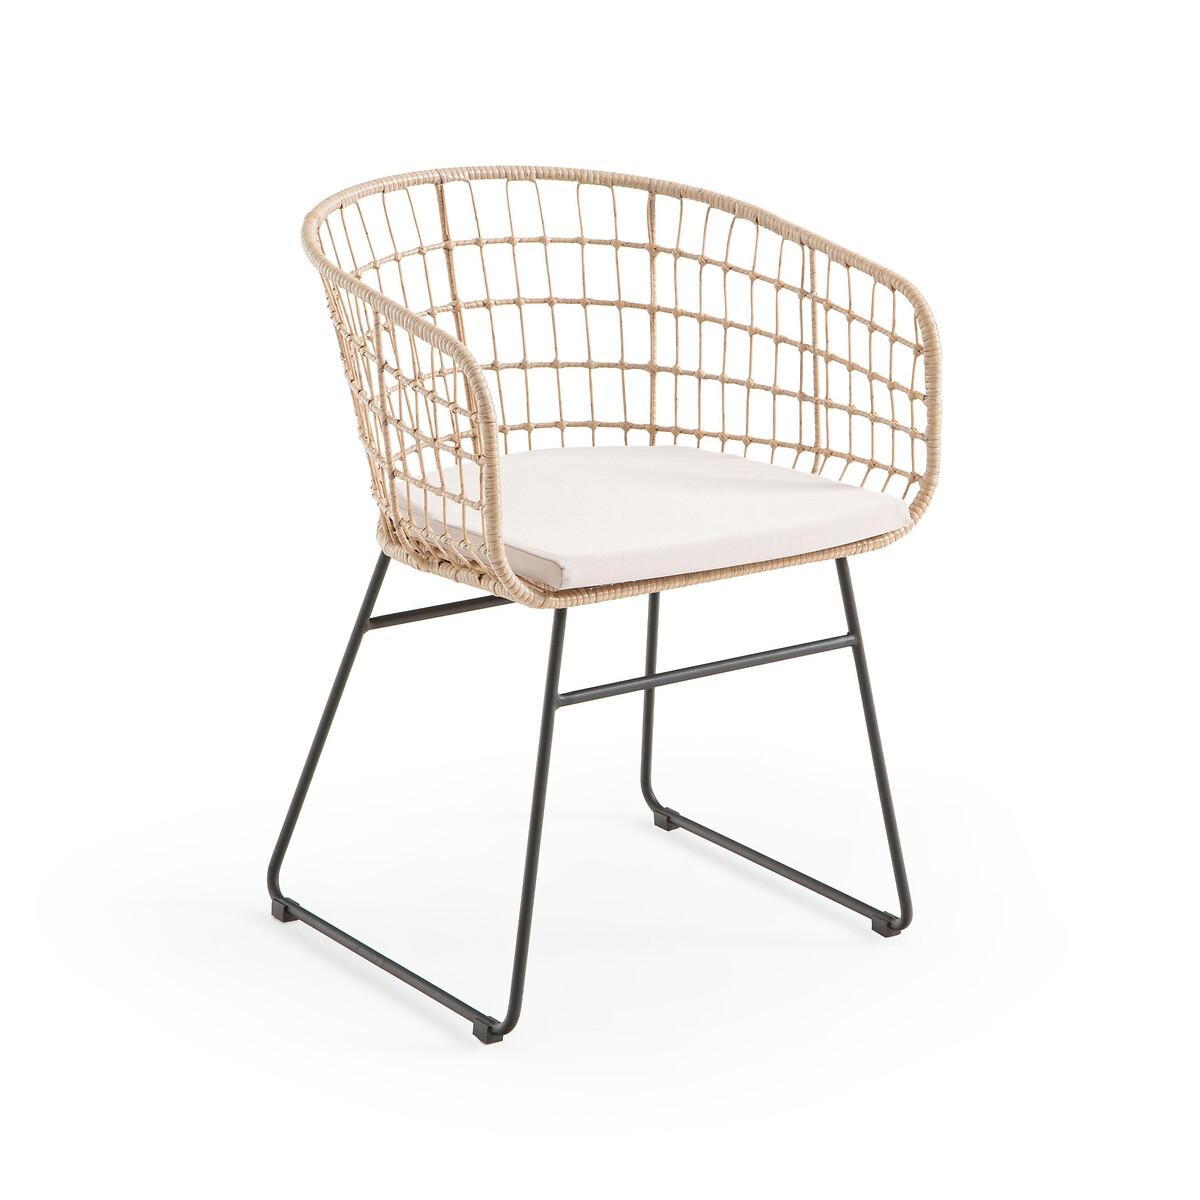 Кресло LaRedoute Садовое из плетеного пластика Rubis единый размер бежевый